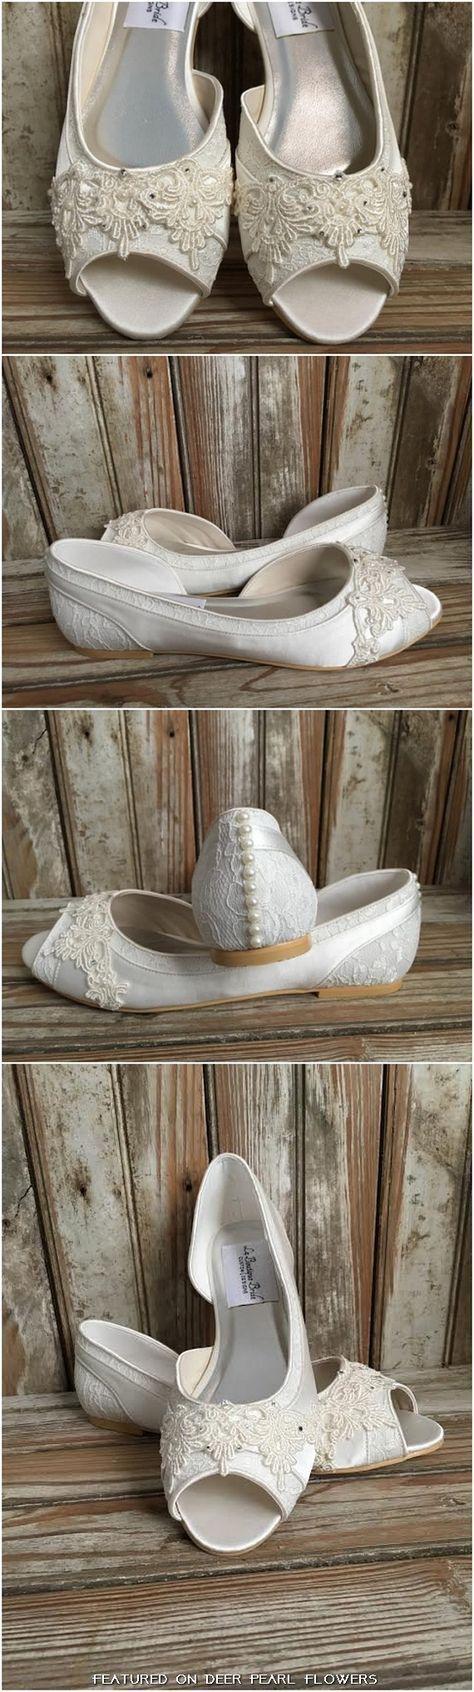 Pin by sandra jabas on danyel shoes pinterest lace wedding shoes